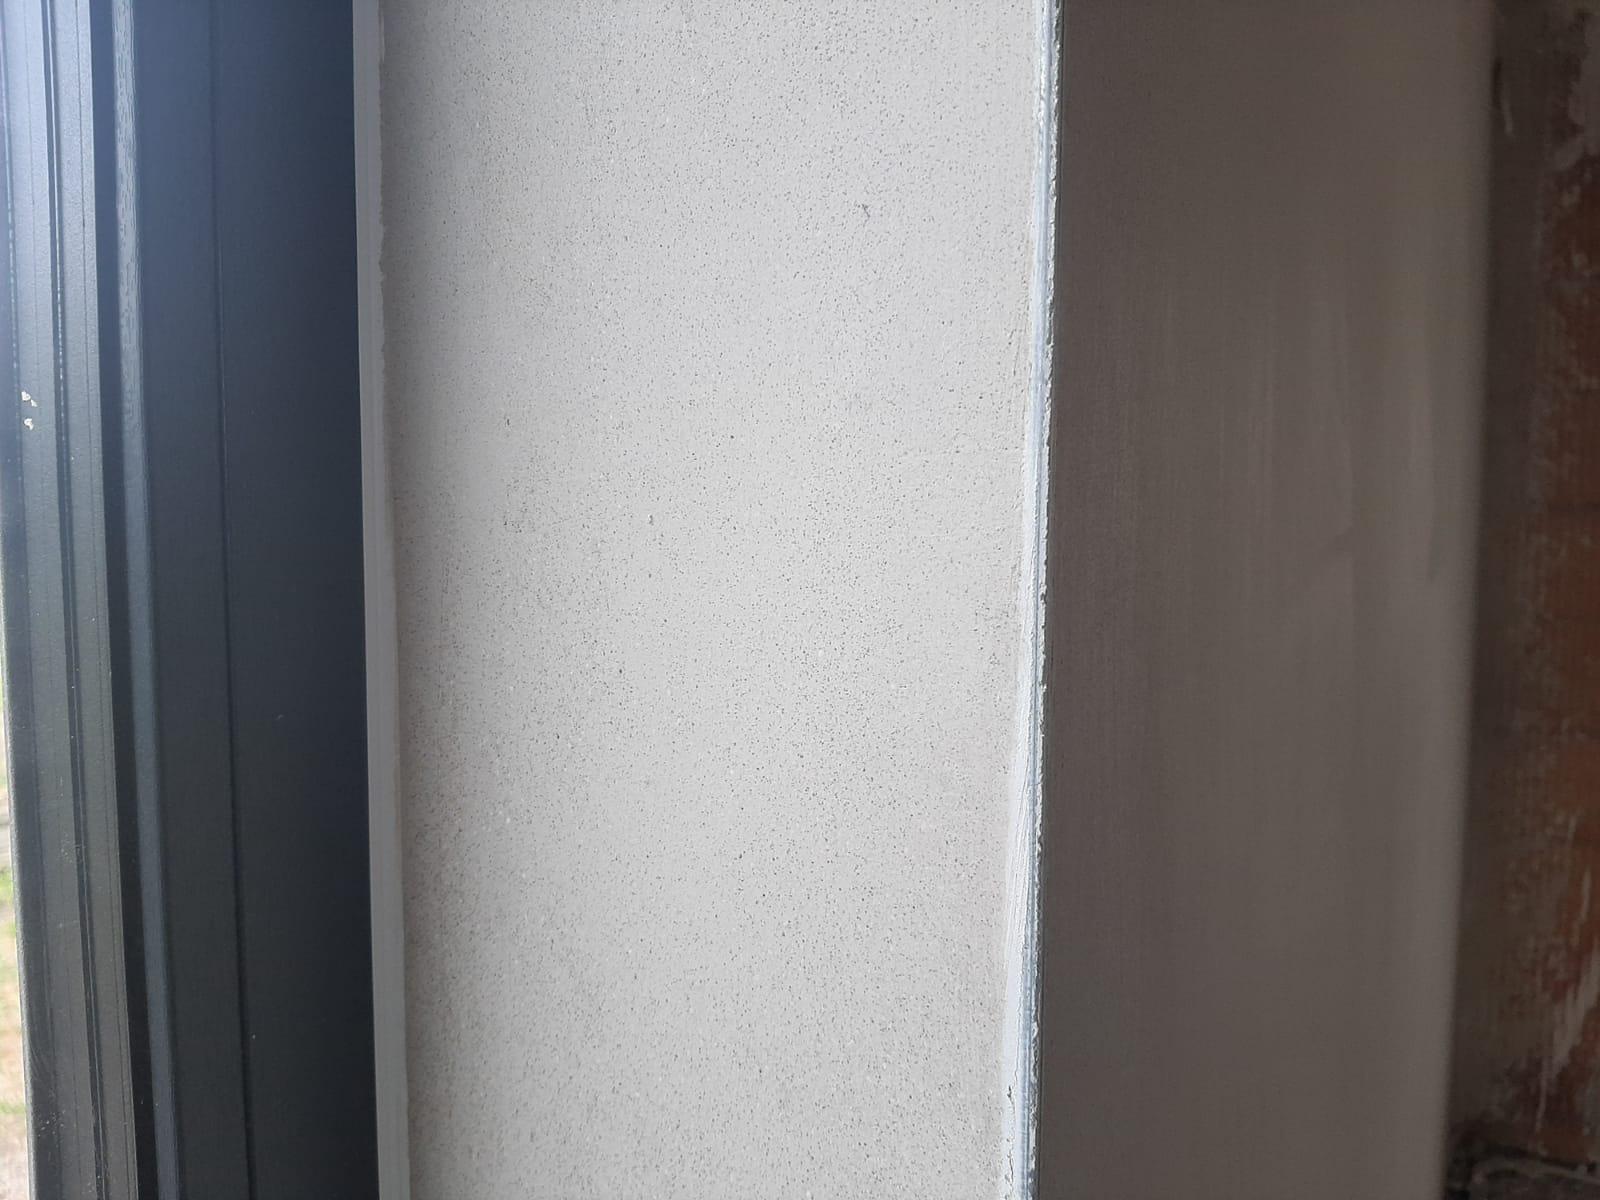 fuhl-posadzki-tynki-maszynowe-anhydrytowe-opole-32